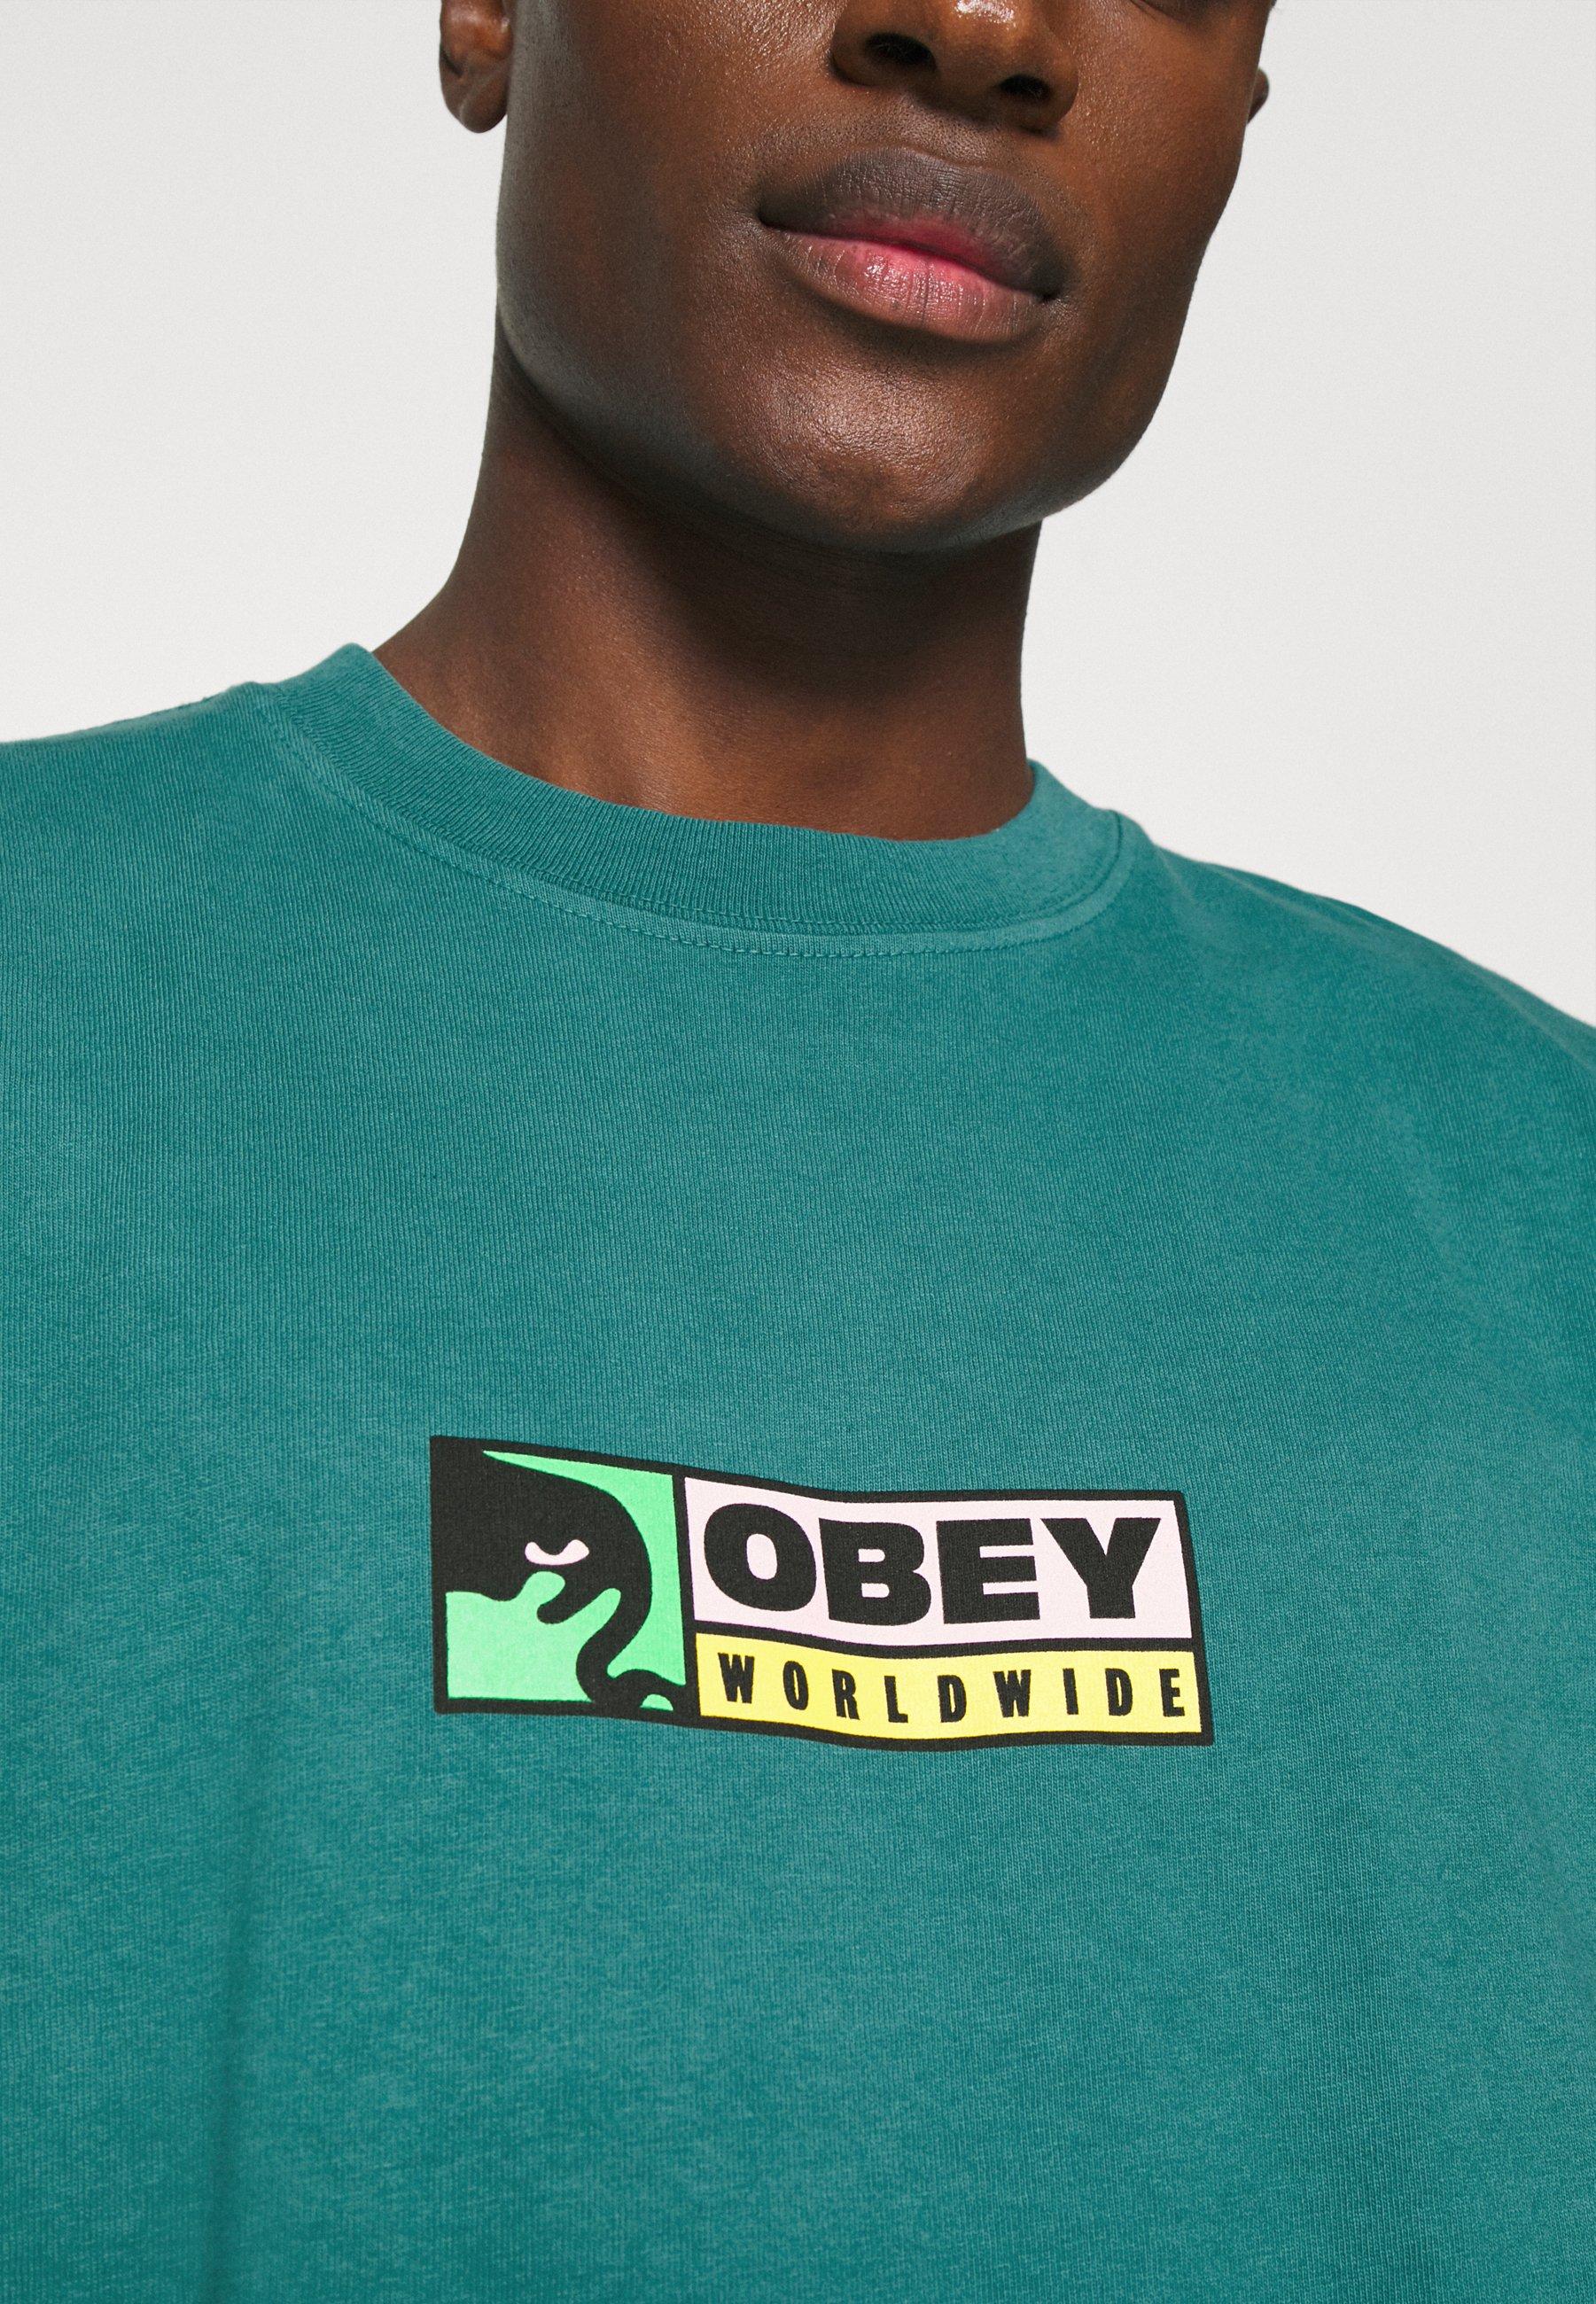 Obey Heren t shirt kopen? | BESLIST.nl | Sale online